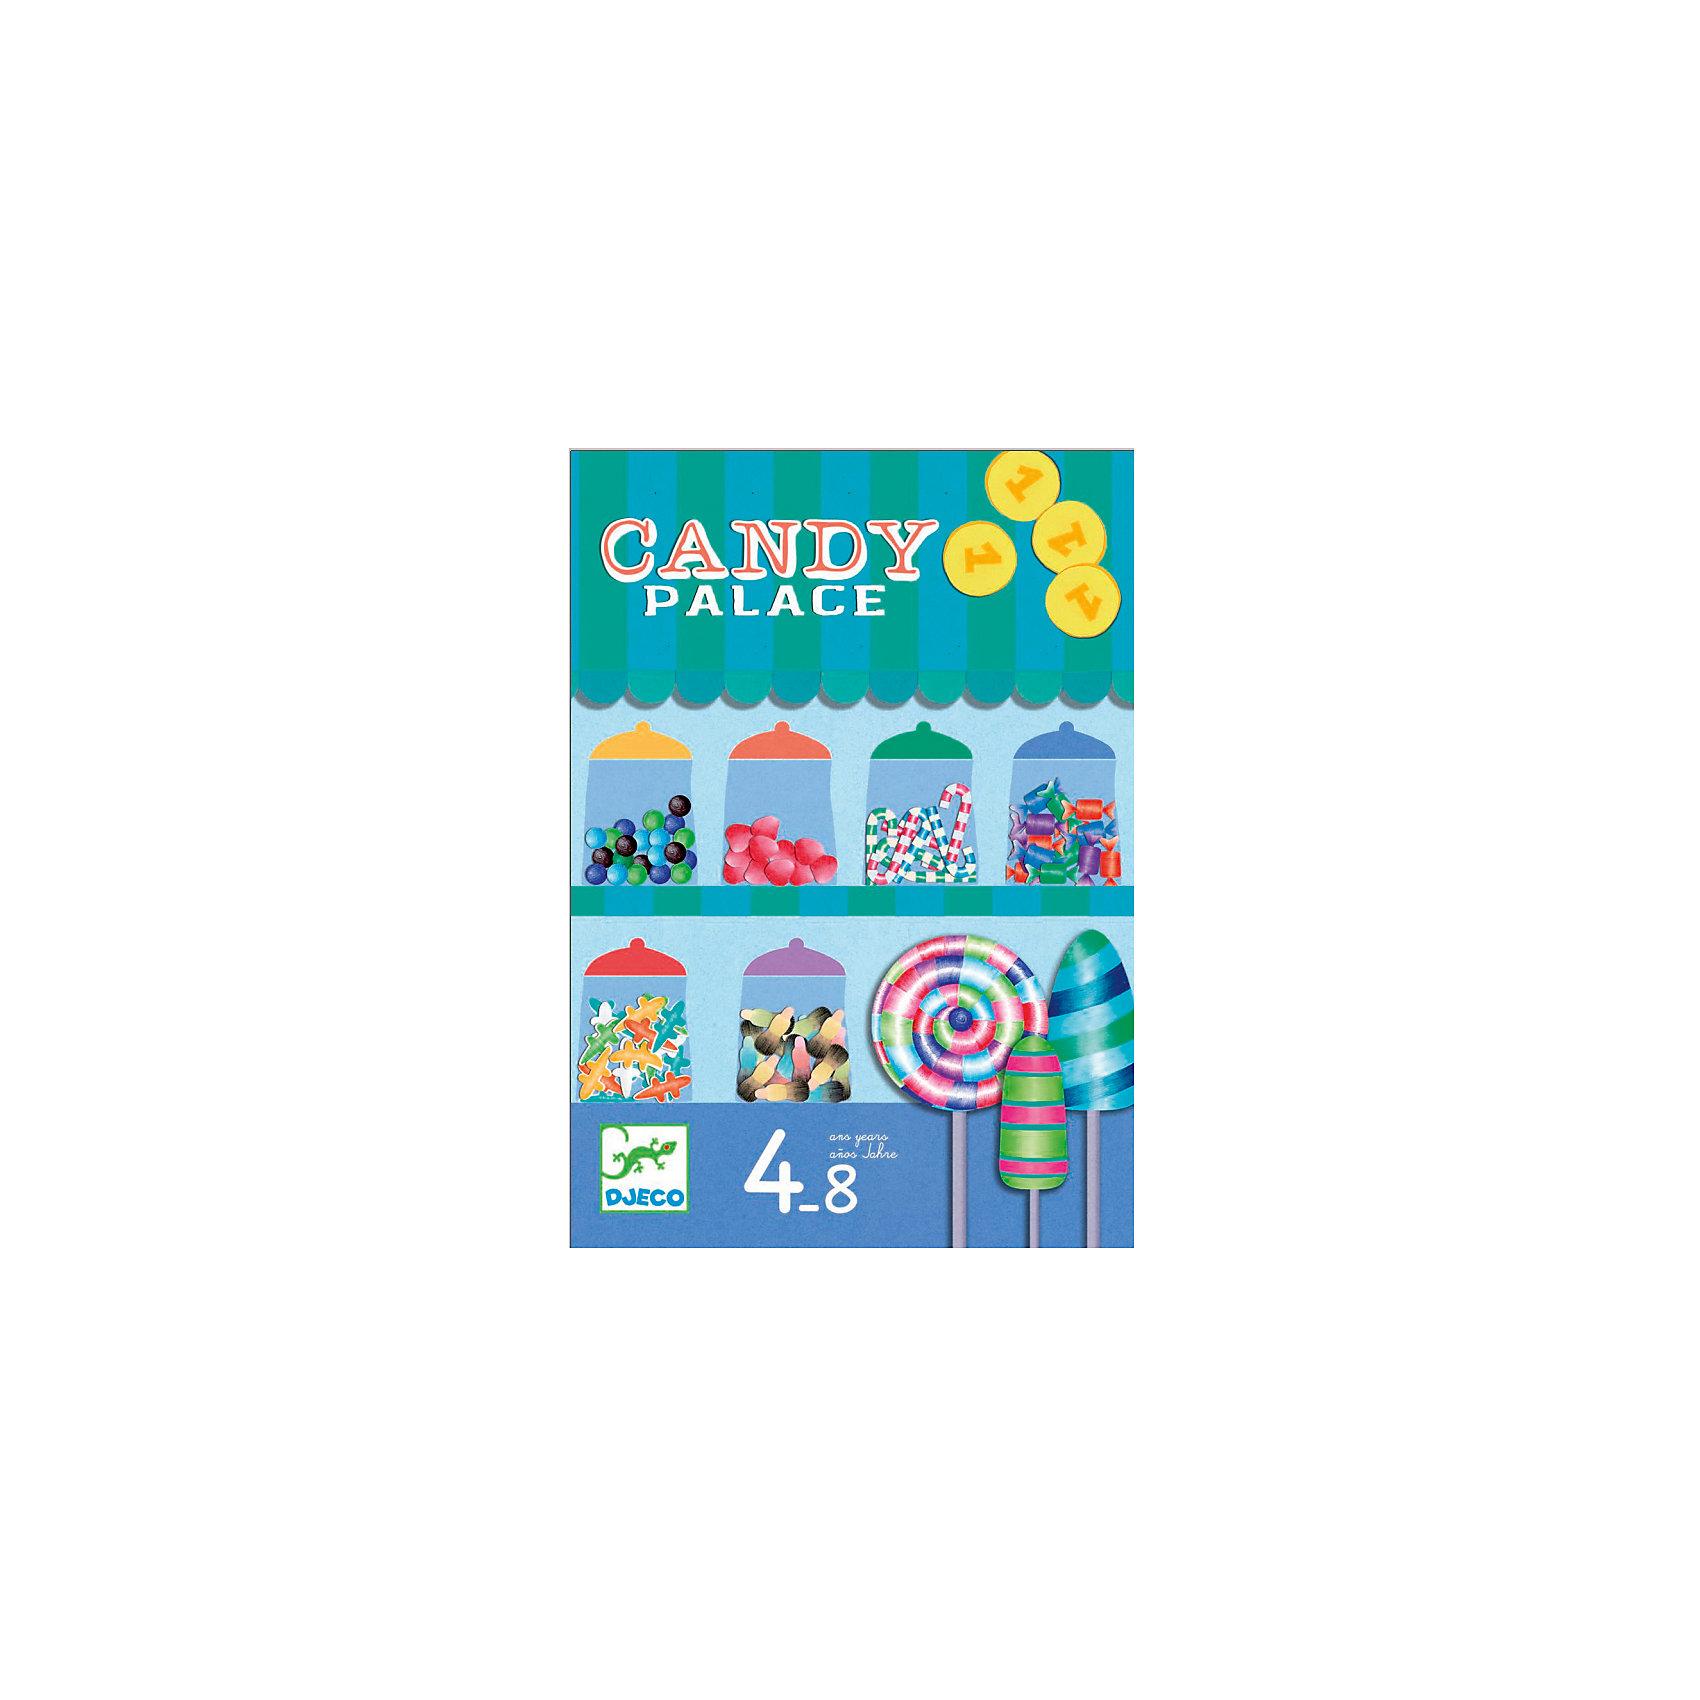 Настольная игра Конфетки, DJECOИгры для развлечений<br>Настольная игра Конфетки, DJECO (ДЖЕКО).<br><br>Характеристики:<br><br>- Для детей от 5 лет<br>- В комплект игры входят: игровое поле, 18 конфет на подставке, 4 фишки для передвижения по полю, карточки с действиями, карточки с монетками, инструкция<br>- Количество игроков: от 2 до 4 человек<br>- Материал: картон<br>- Упаковка: красивая подарочная коробка<br>- Размер упаковки: 30х28х5 см.<br><br>Веселая и динамичная настольная игра Конфетки от французской компании Djeco (Джеко) порадует маленьких сладкоежек. Цель игры: заработать монеты и купить побольше конфет, но сделать это нужно до того, как закроется магазин! Игроки по очереди бросают кубик и перемещаются по игровому полю. Они могут остановиться либо на клетке, где можно заработать монетки, либо на клетке с конфетами, которые можно купить за сумму, указанную на клетке. Но на поле есть клетки «жалюзи», которые постепенно закрываются. Партия заканчивается, когда в продаже не осталось конфет или когда жалюзи магазина полностью закрылись. Побеждает тот, кто набрал больше всех конфет. Игра развивает тактическое мышление, сообразительность и внимательность. Все детали изготовлены из высококачественного материала. Французская компания Джеко производит развивающие игрушки и игры для детей, а также наборы для творчества и детали интерьера детской комнаты. Все товары Джеко отличаются высочайшим качеством, необычной идеей исполнения. Изображения и дизайн специально разрабатываются молодыми французскими художниками.<br><br>Настольную игру Конфетки, DJECO (ДЖЕКО) можно купить в нашем интернет-магазине.<br><br>Ширина мм: 218<br>Глубина мм: 188<br>Высота мм: 40<br>Вес г: 600<br>Возраст от месяцев: 24<br>Возраст до месяцев: 2147483647<br>Пол: Унисекс<br>Возраст: Детский<br>SKU: 5299150